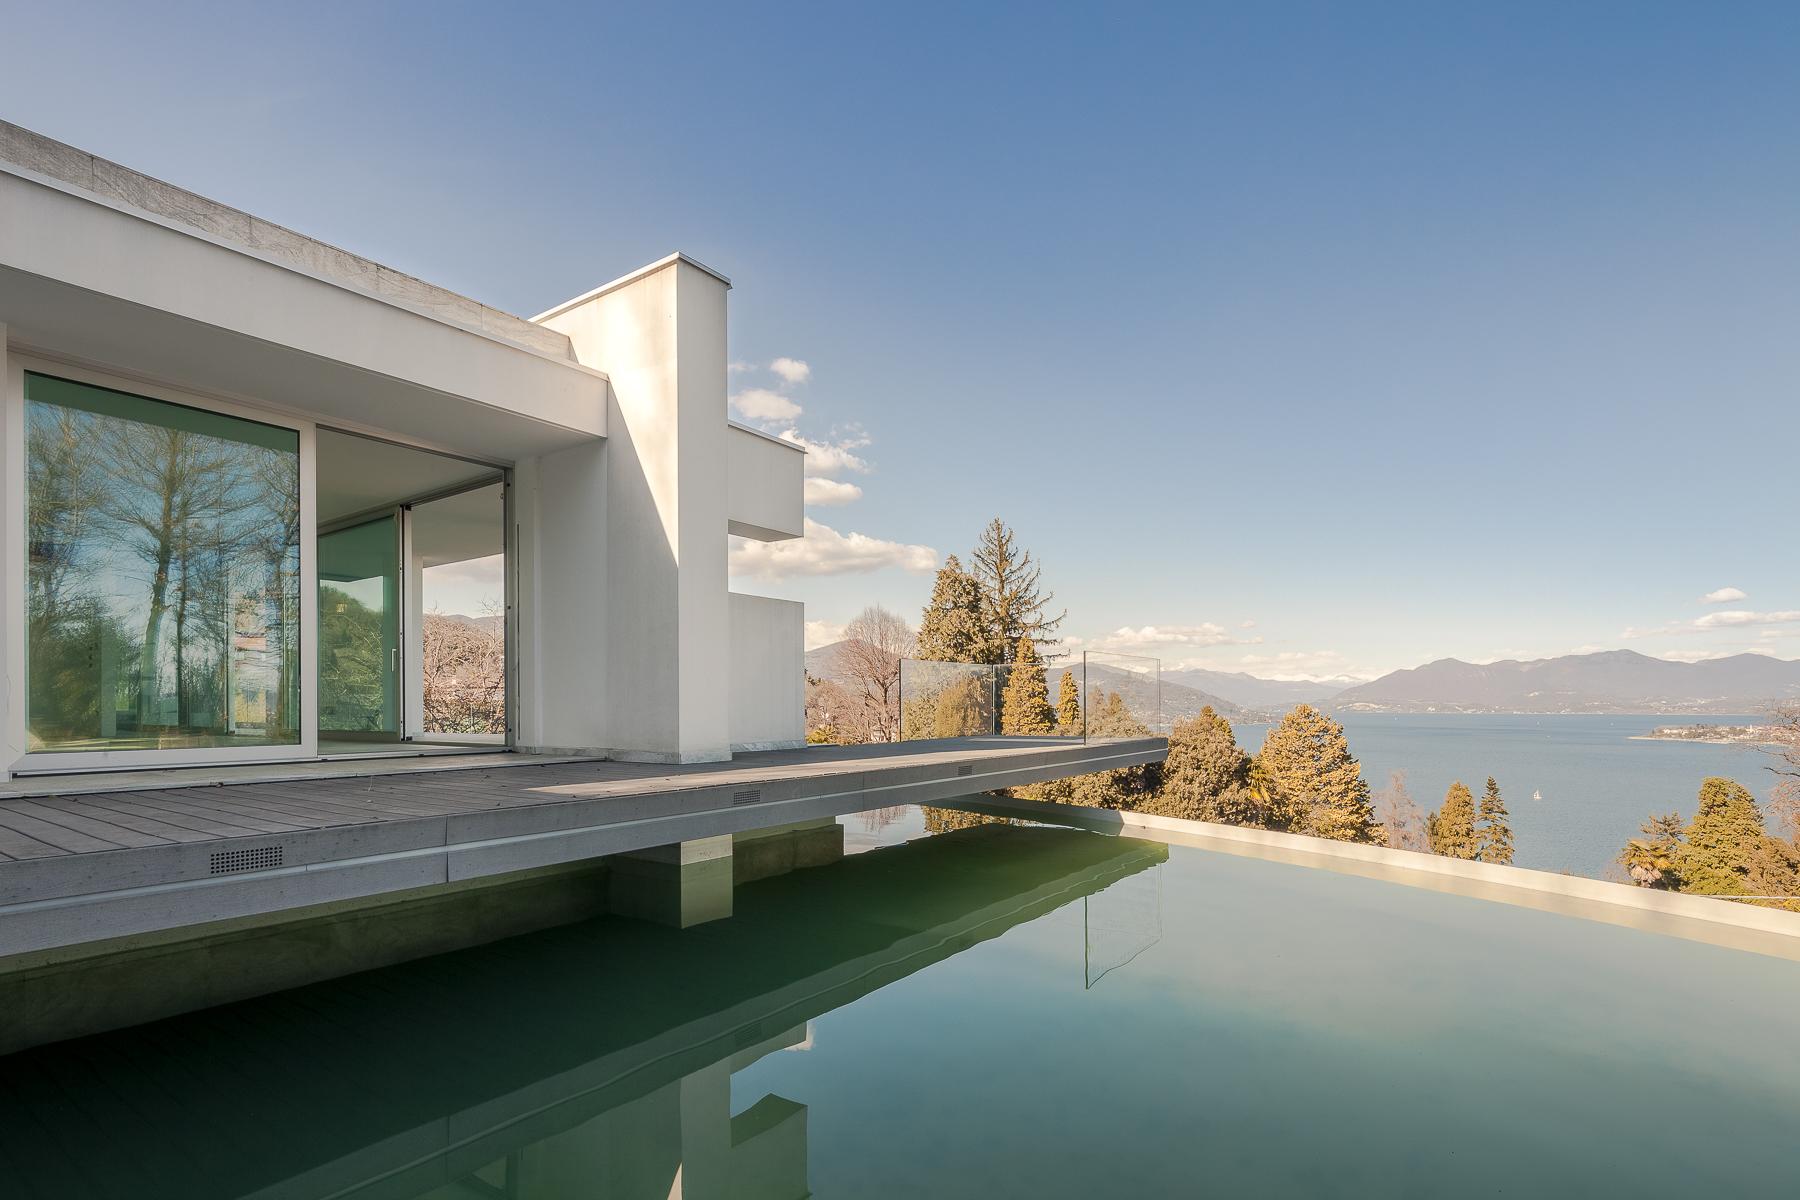 Villa di lusso in vendita ad arona via verbano trovocasa for Piani di una casa piani con stanza bonus sopra il garage